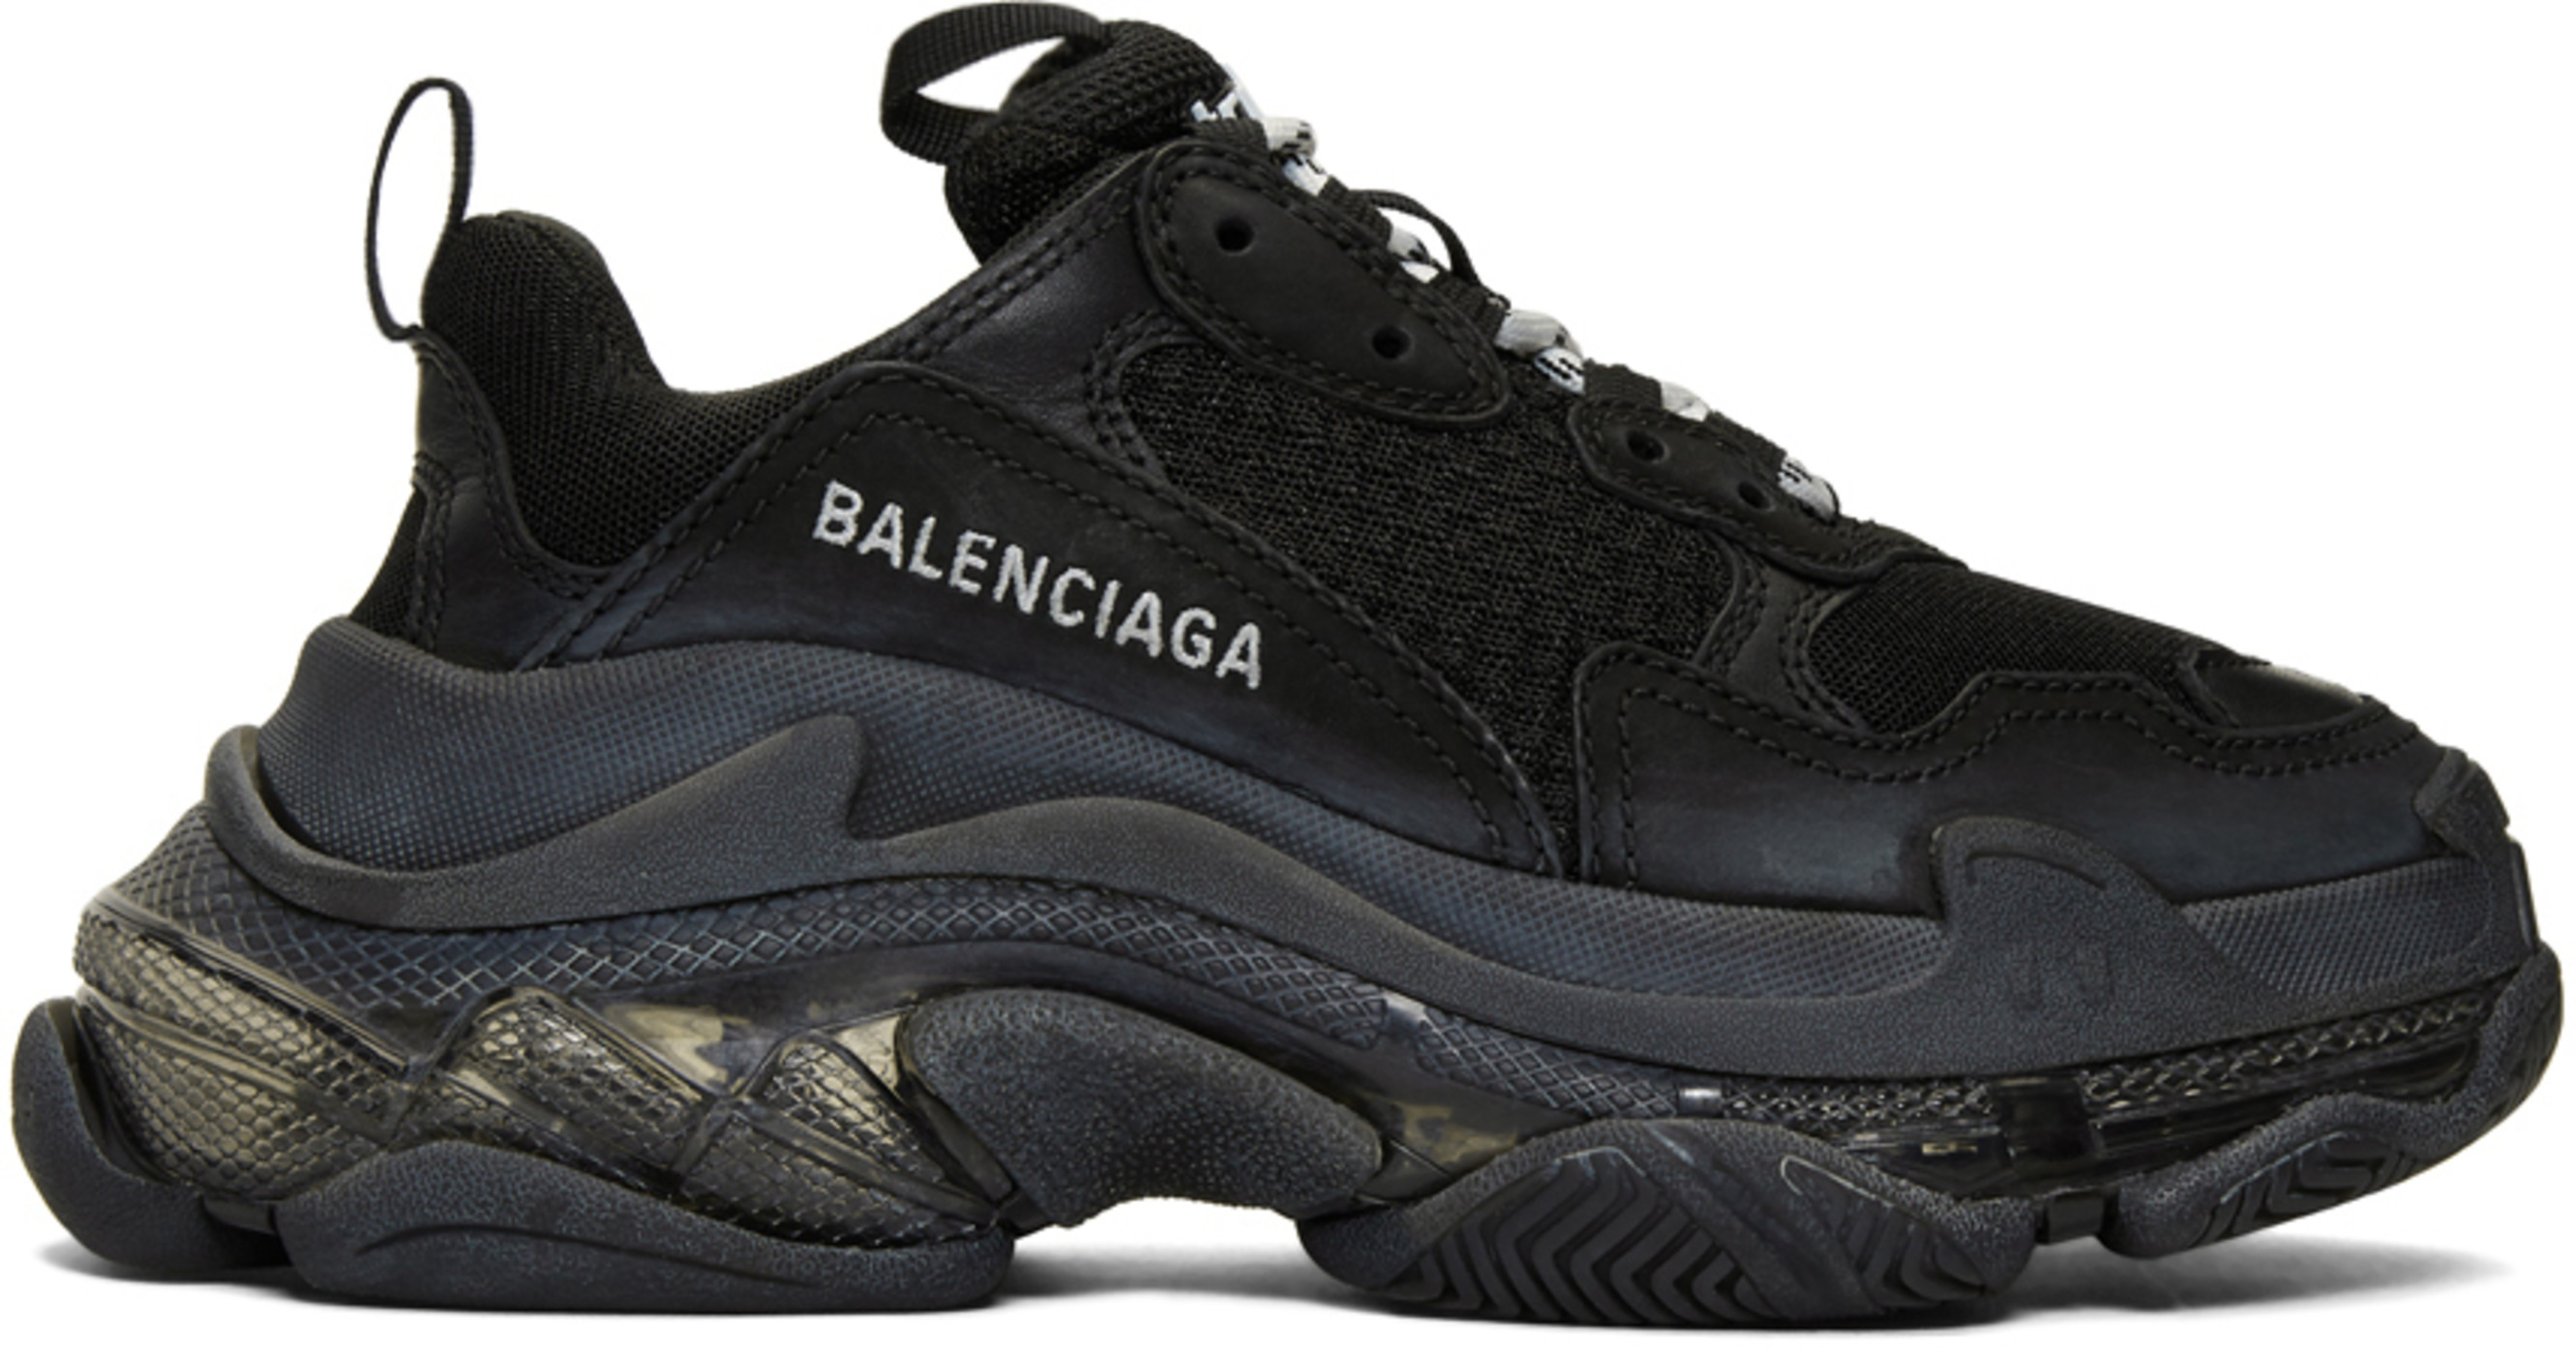 For WomenSsense WomenSsense Sneakers Balenciaga For For Balenciaga Balenciaga WomenSsense Sneakers Sneakers rxBdeQWCo